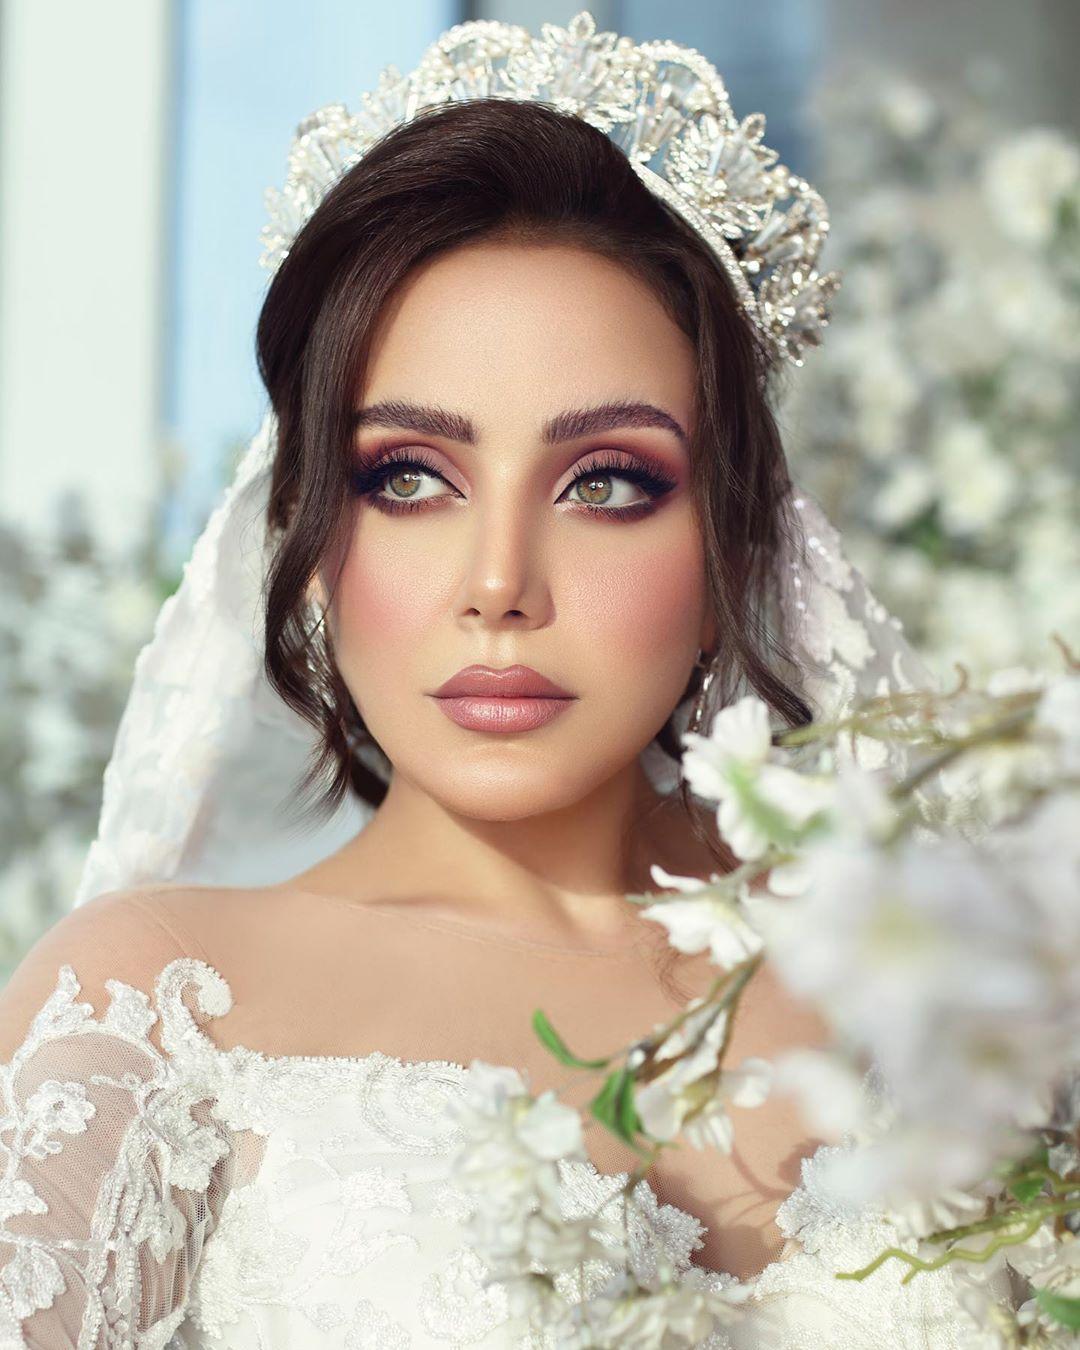 مكياج العروس زينب فياض